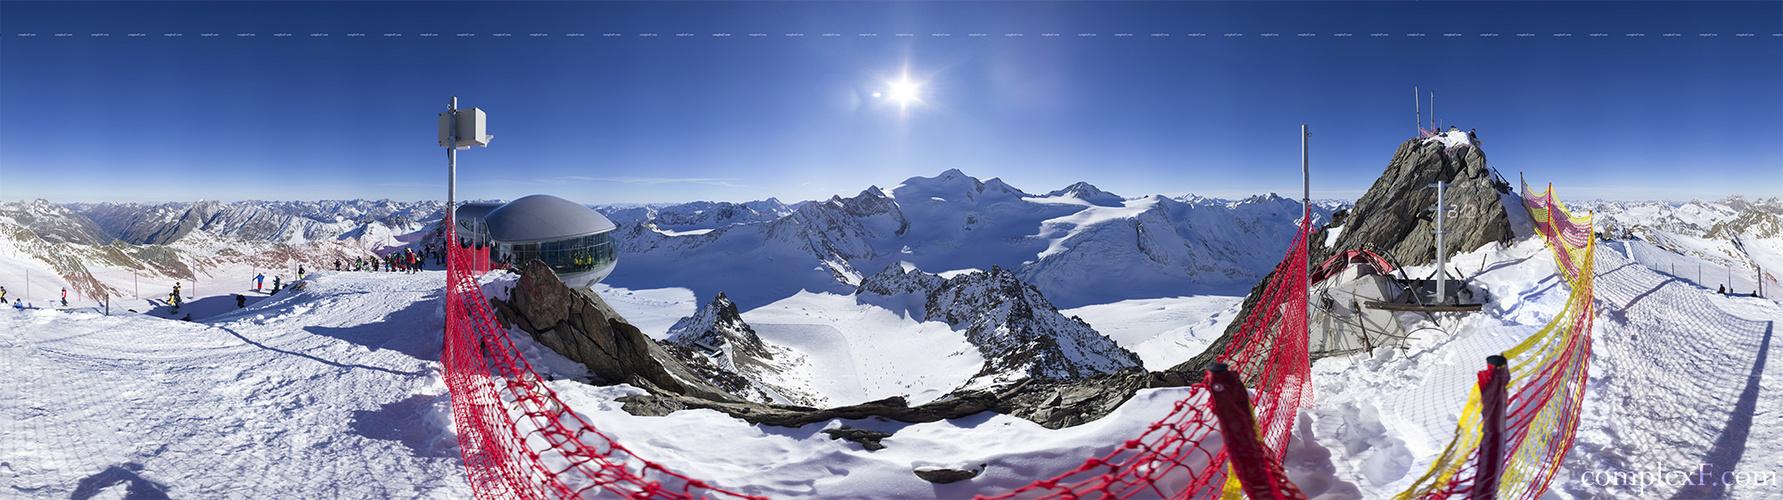 Pitztal, Gletscher Nov2012 #2